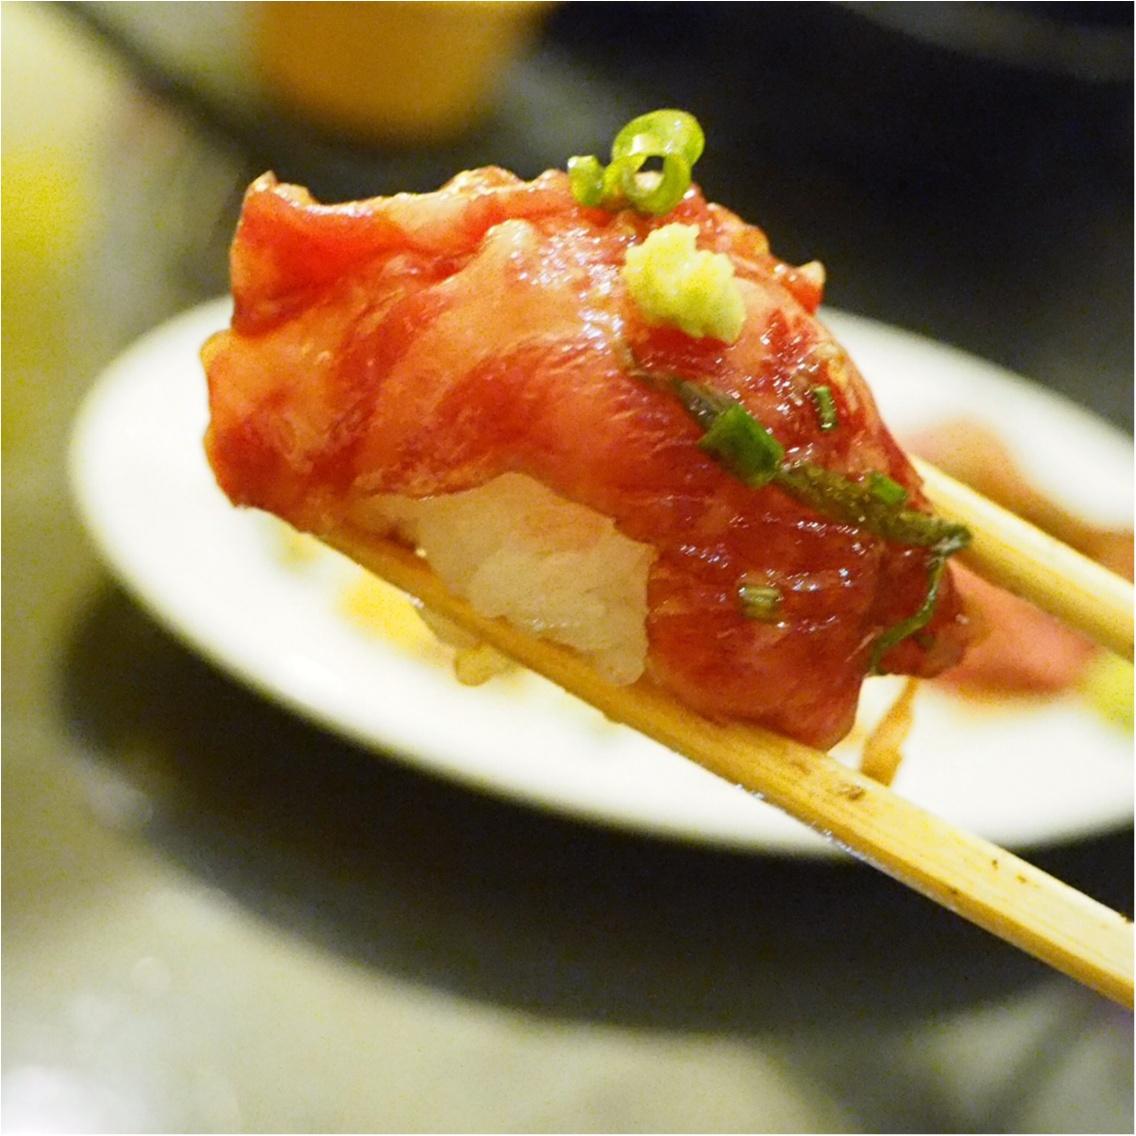 暑い夏こそ食べなきゃ♡塩すき鍋は特製の氷ダレをのせてさっぱりとした味わい_12